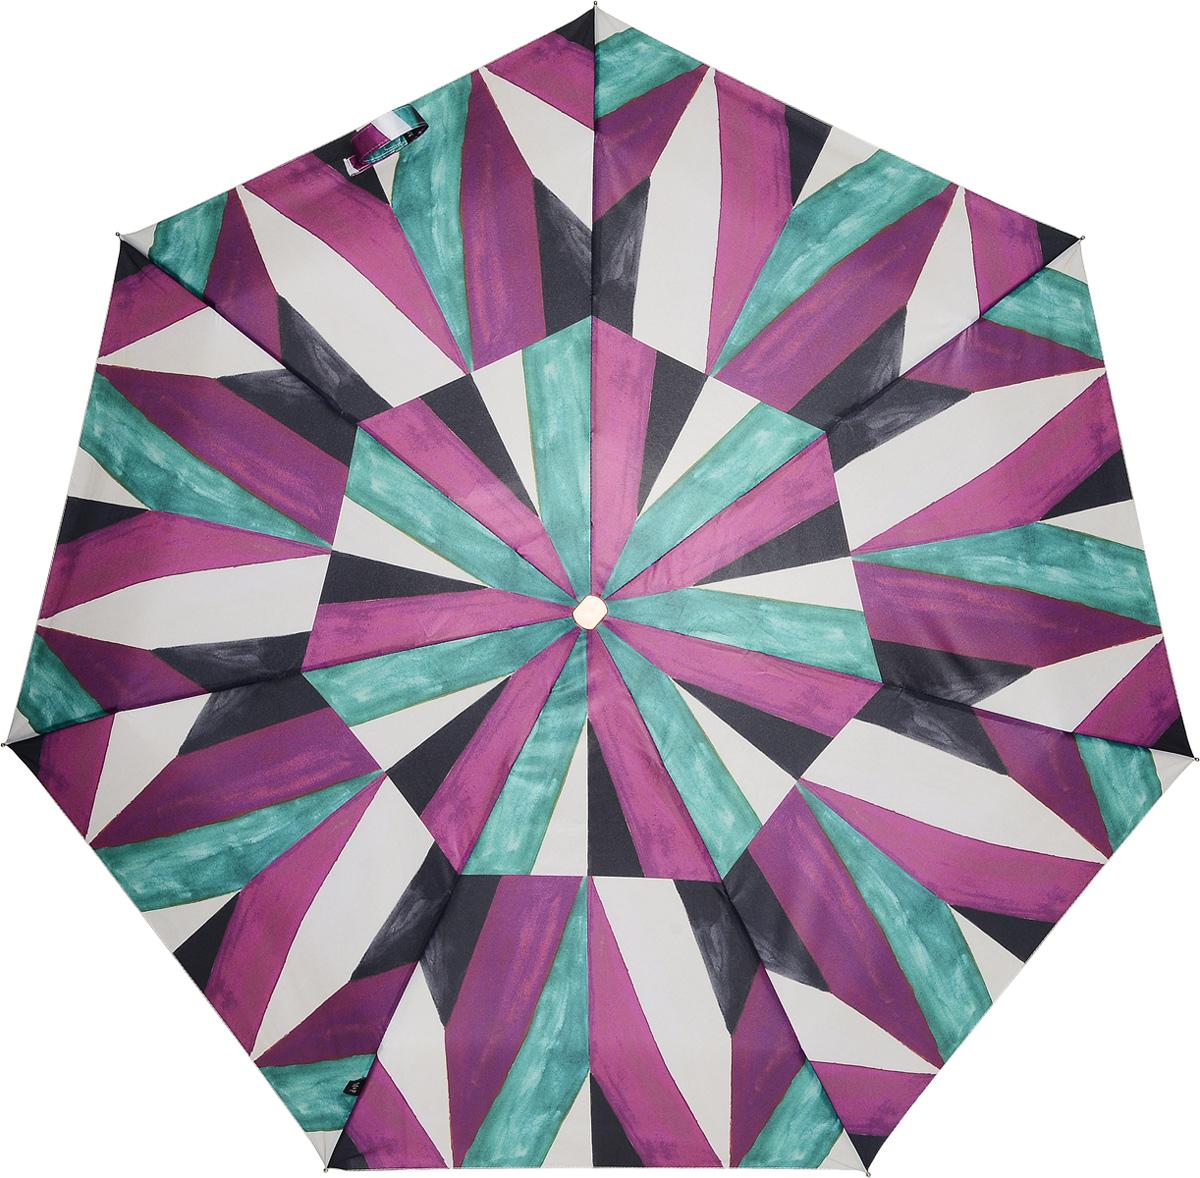 M&P 5869-1 Зонт полный автом. 4 сл. жен.5869-1Зонт испанского производителя Clima. В производстве зонтов используются современные материалы, что делает зонты легкими, но в то же время крепкими. Полный автомат, 4 сложения, 7 спиц, полиэстер.